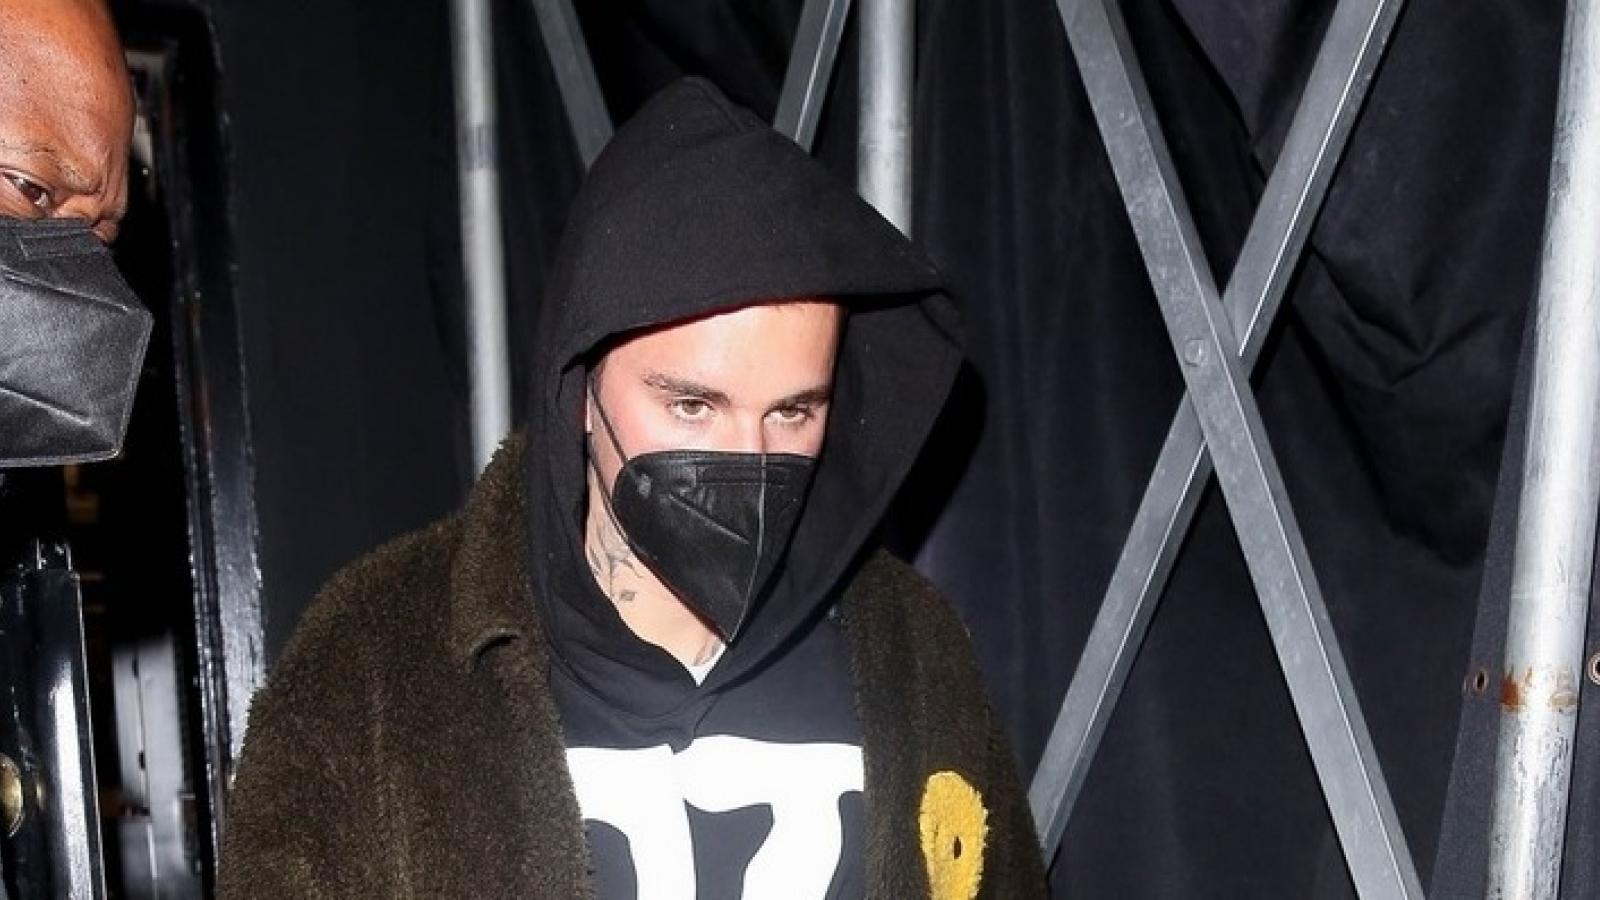 Justin Bieber trở về nhà lúc nửa đêm sau buổi tiệc tùng